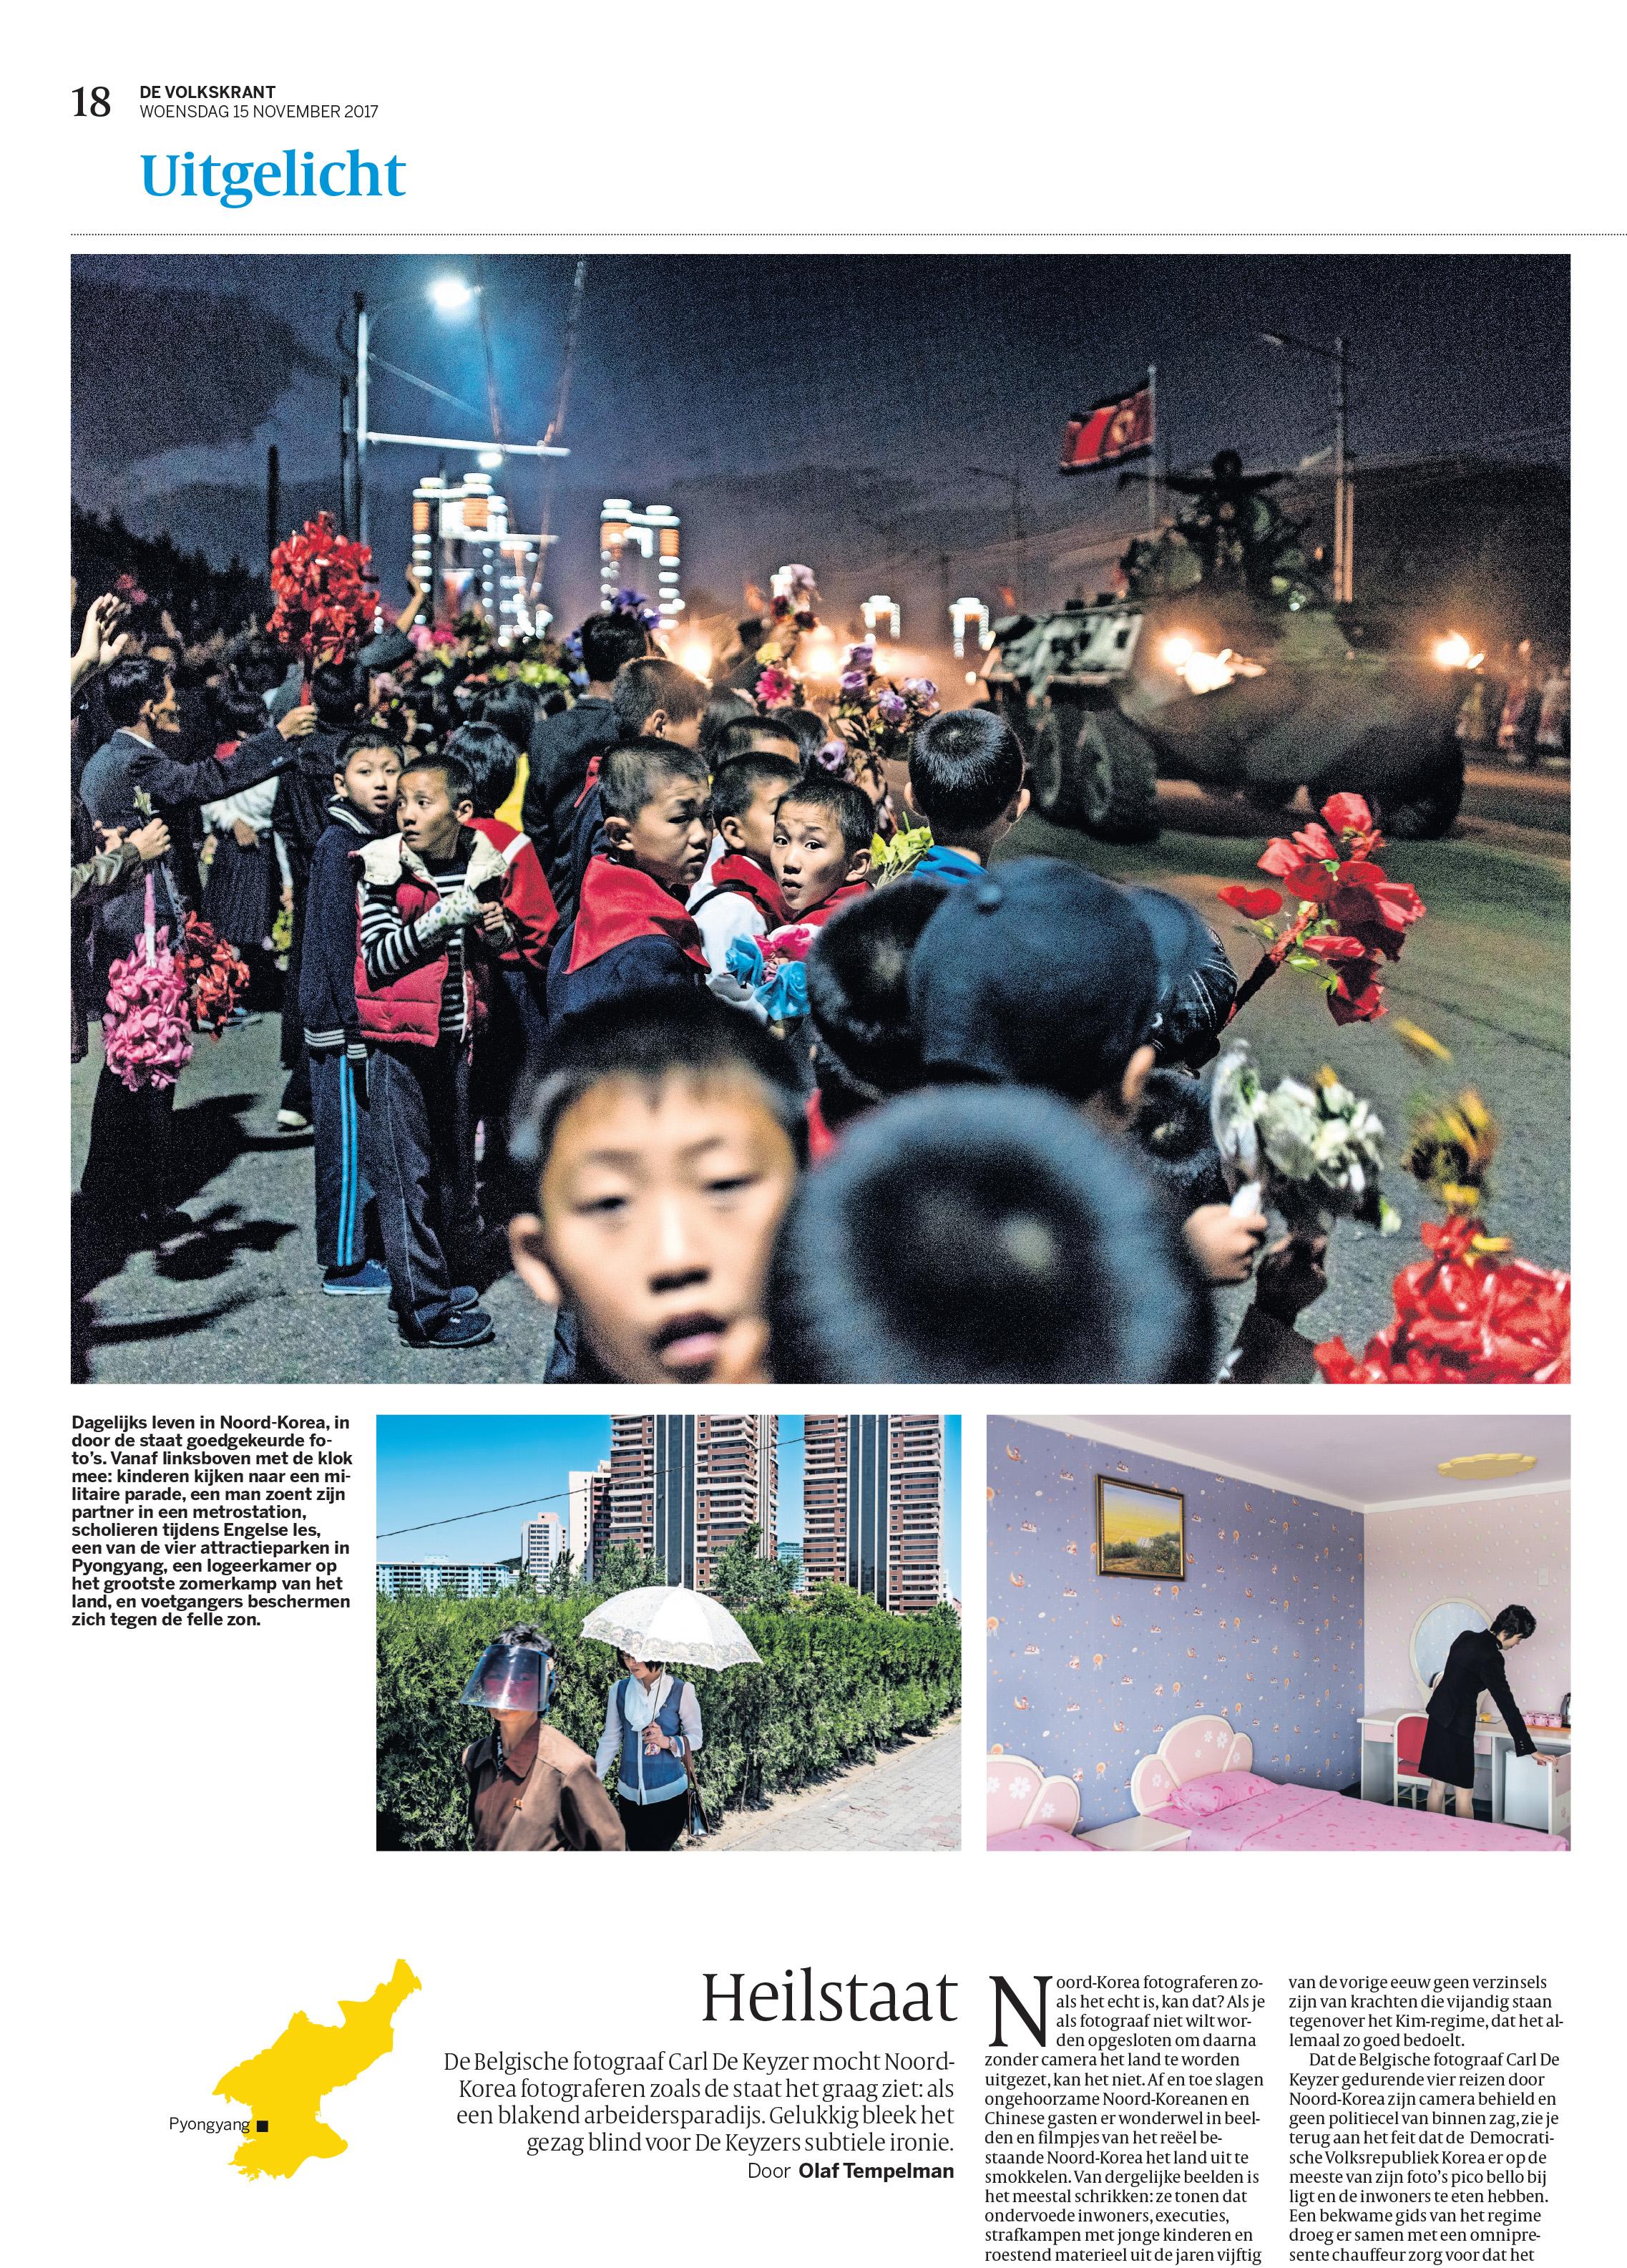 De Volkskrant DPRK